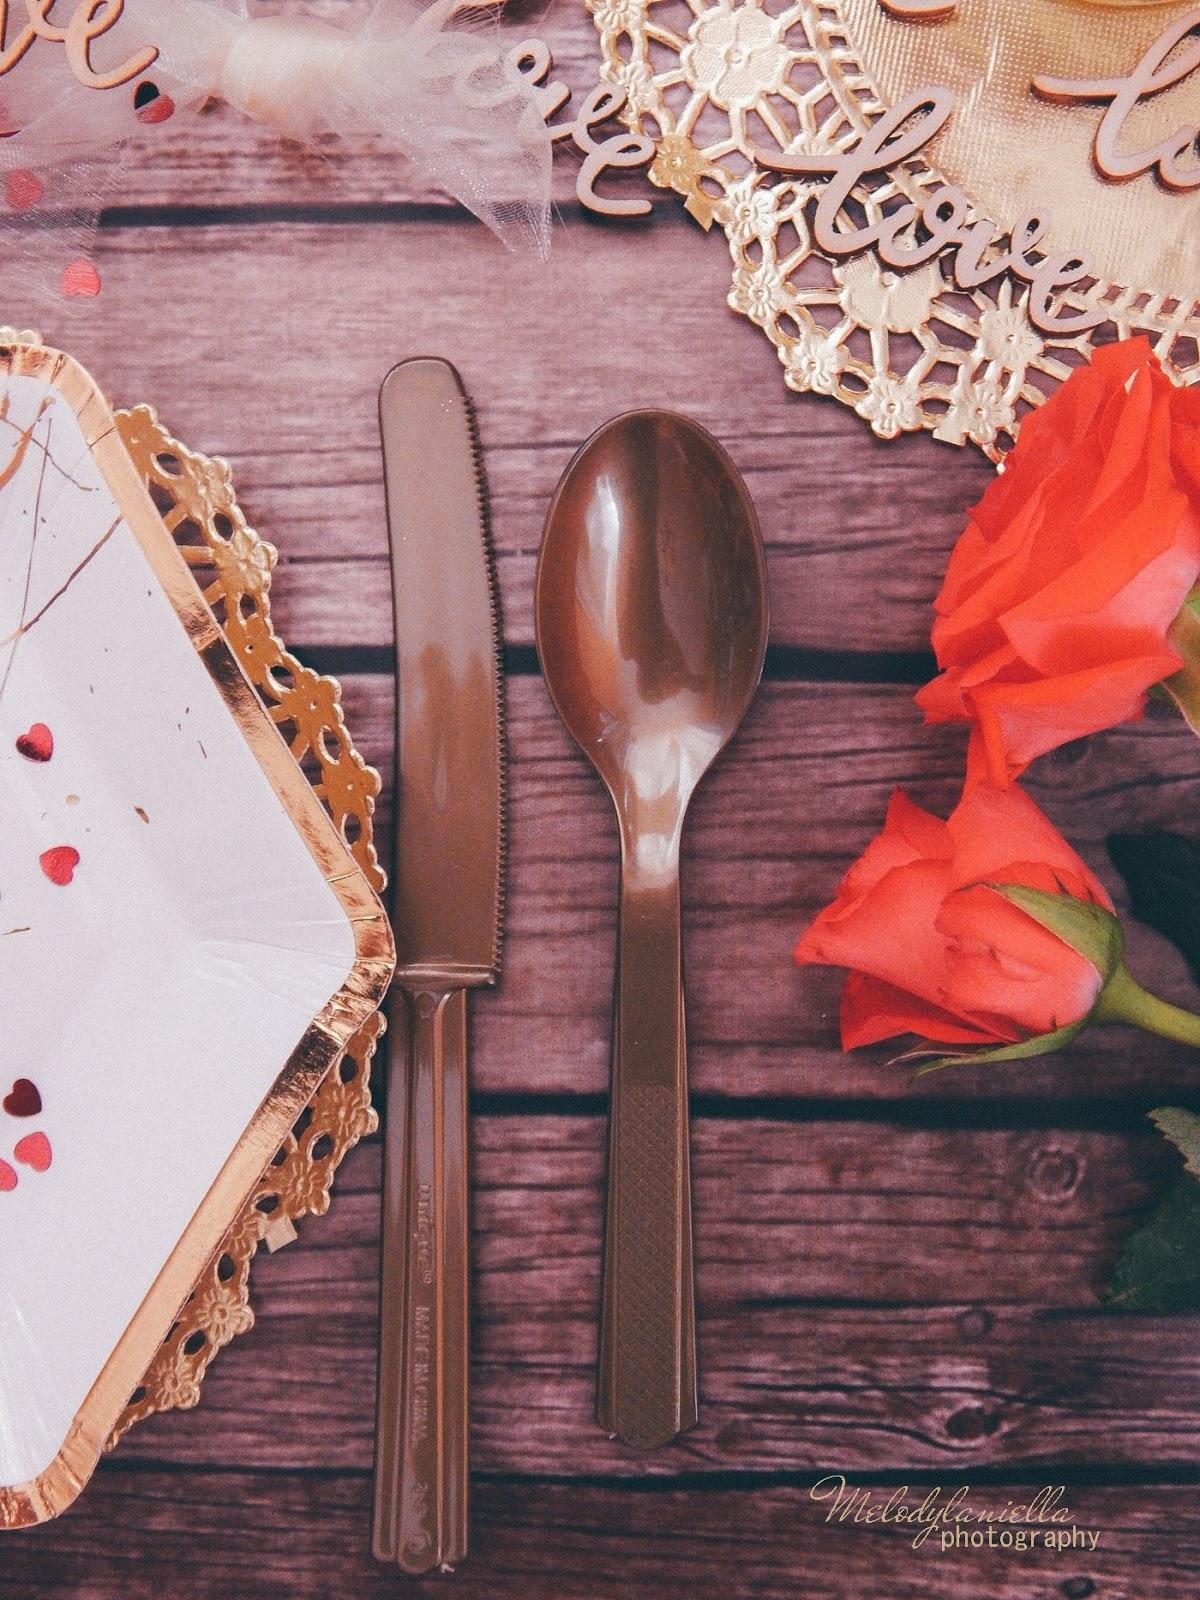 15 złote dodatki dekoracyjne ażurowe serwetki jednorazowe talerze dodatki na imprezu urodziny wieczór panieński pomysły złote konfetti serca marmur złoto kieliszki zastawa talerze